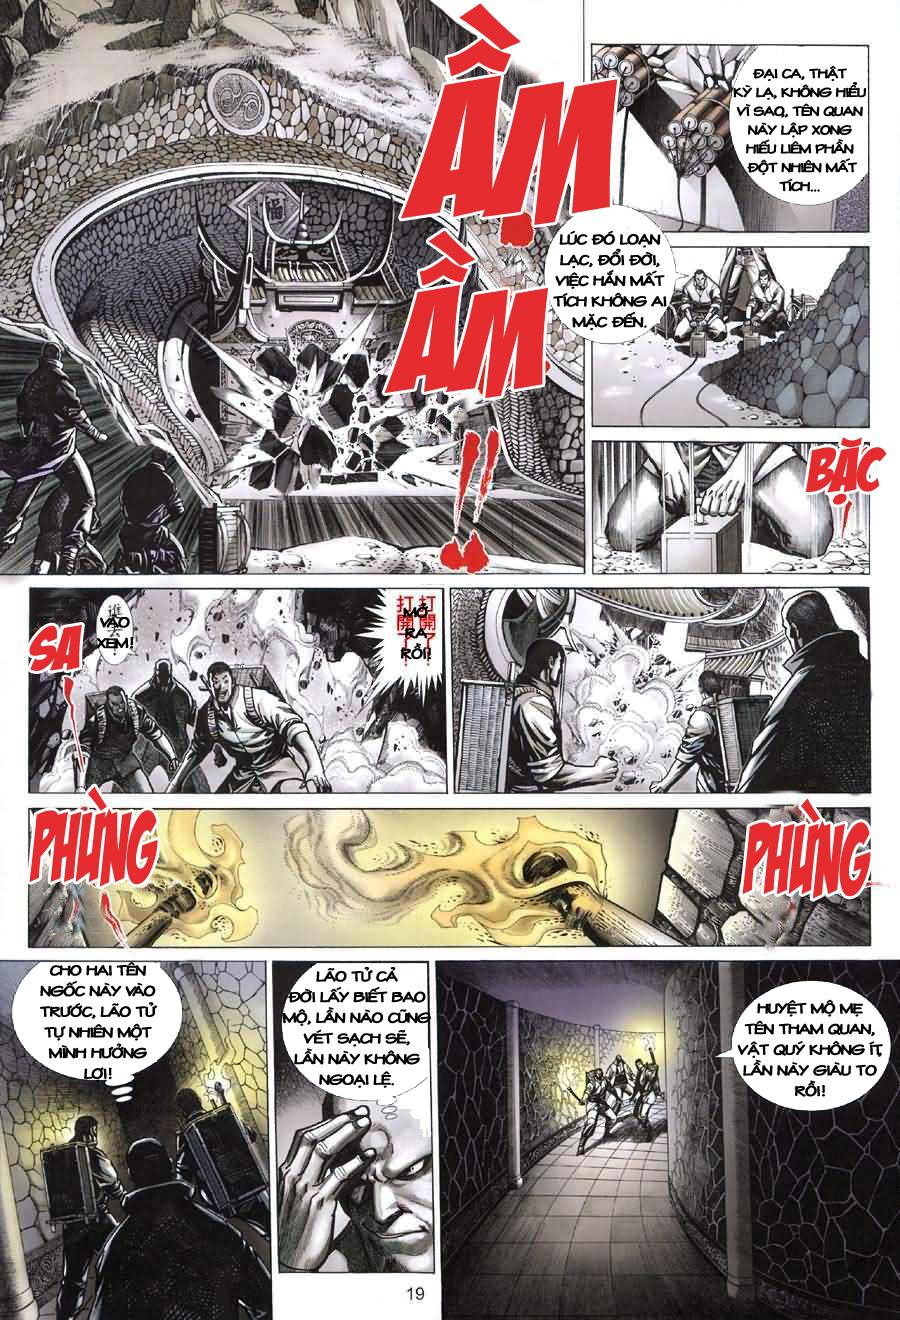 Quỷ Mộ chap 002 trang 19